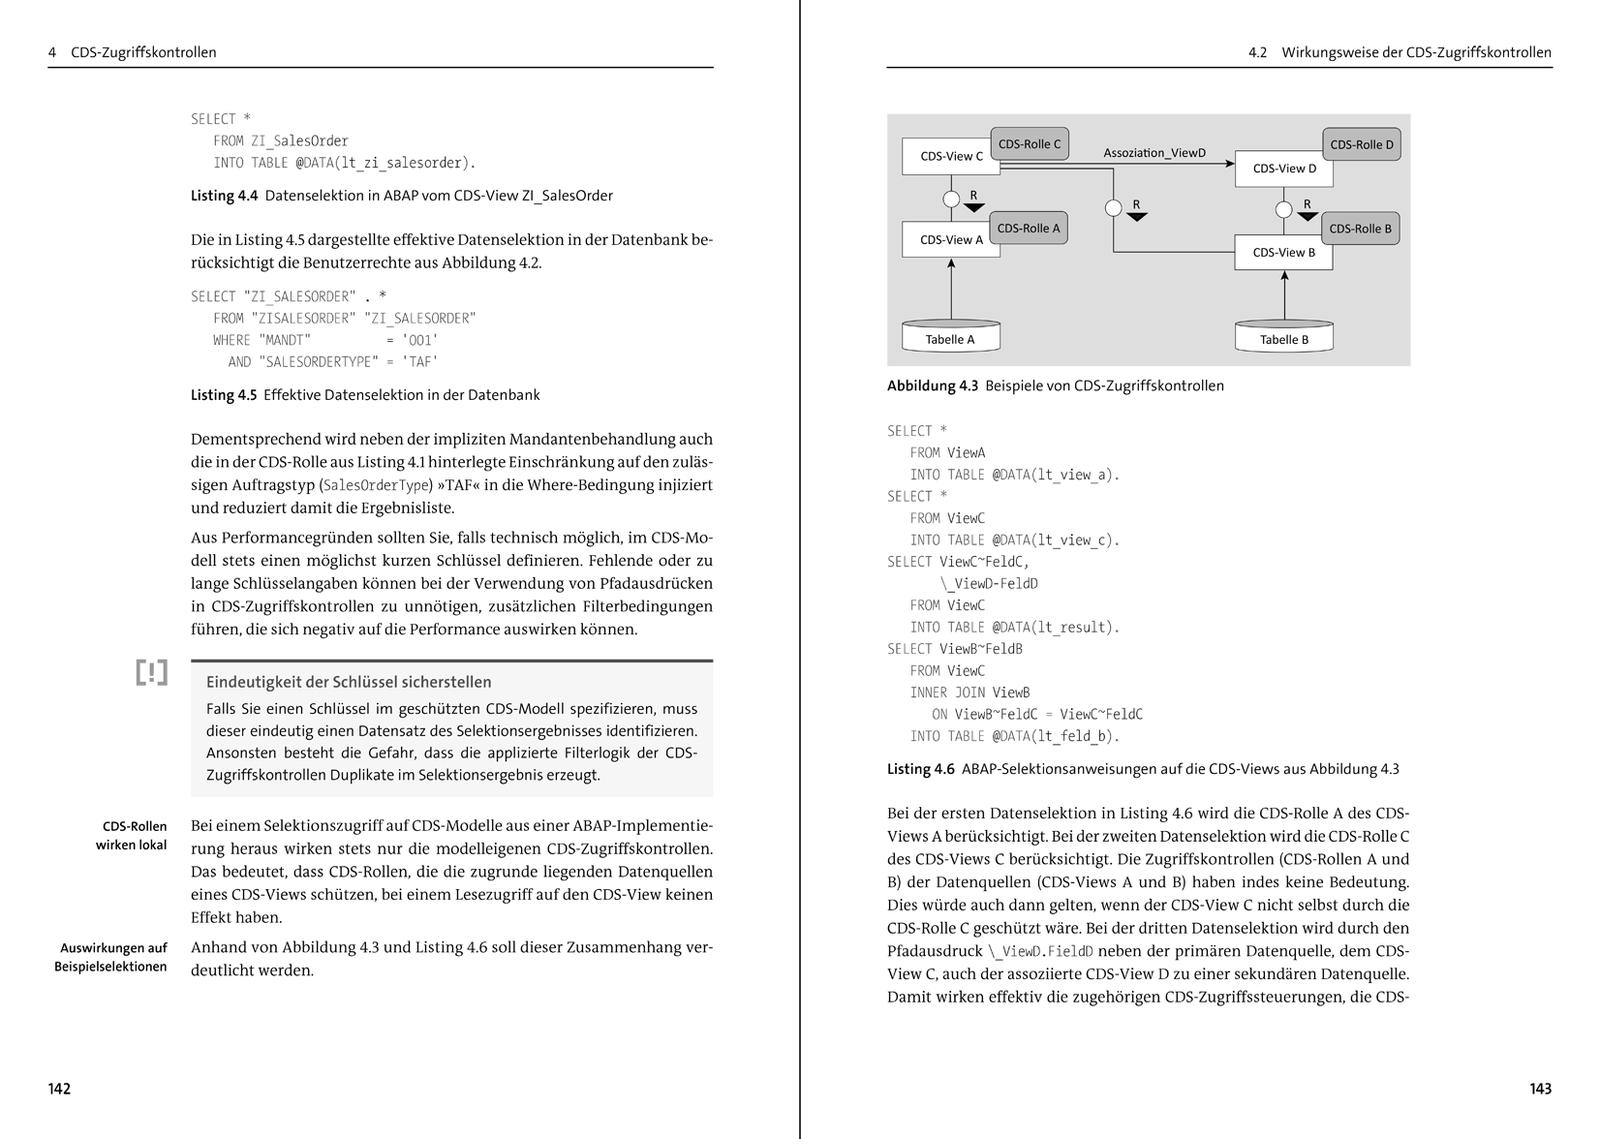 Core Data Services für ABAP